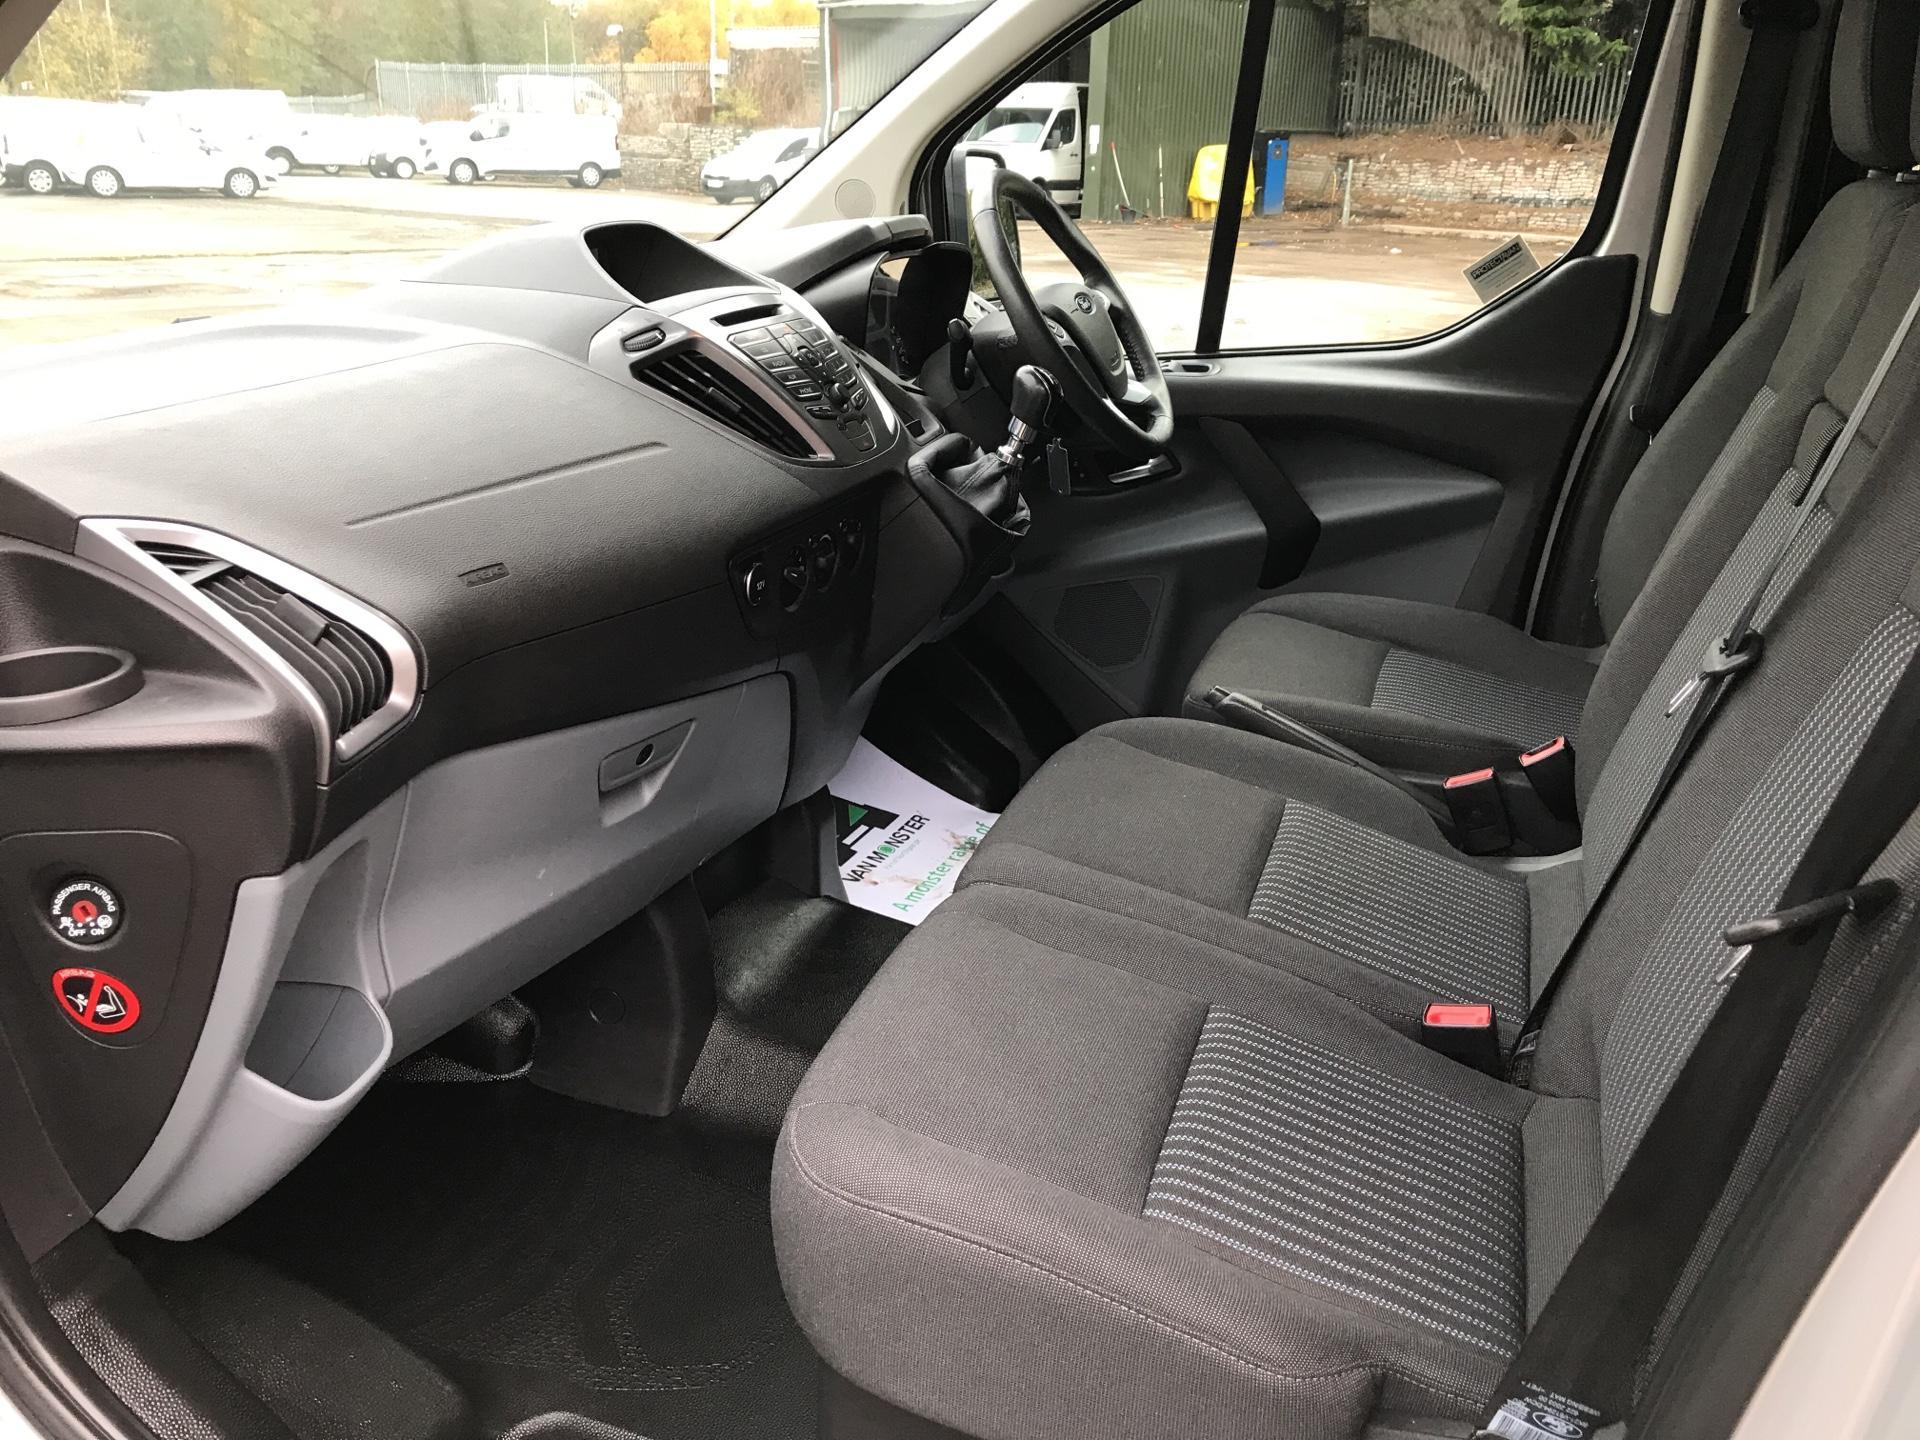 2014 Ford Transit Custom 330 L2 DIESEL FWD 2.2 TDCI 125PS LOW ROOF TREND VAN EURO 5 (YK64GDE) Image 14